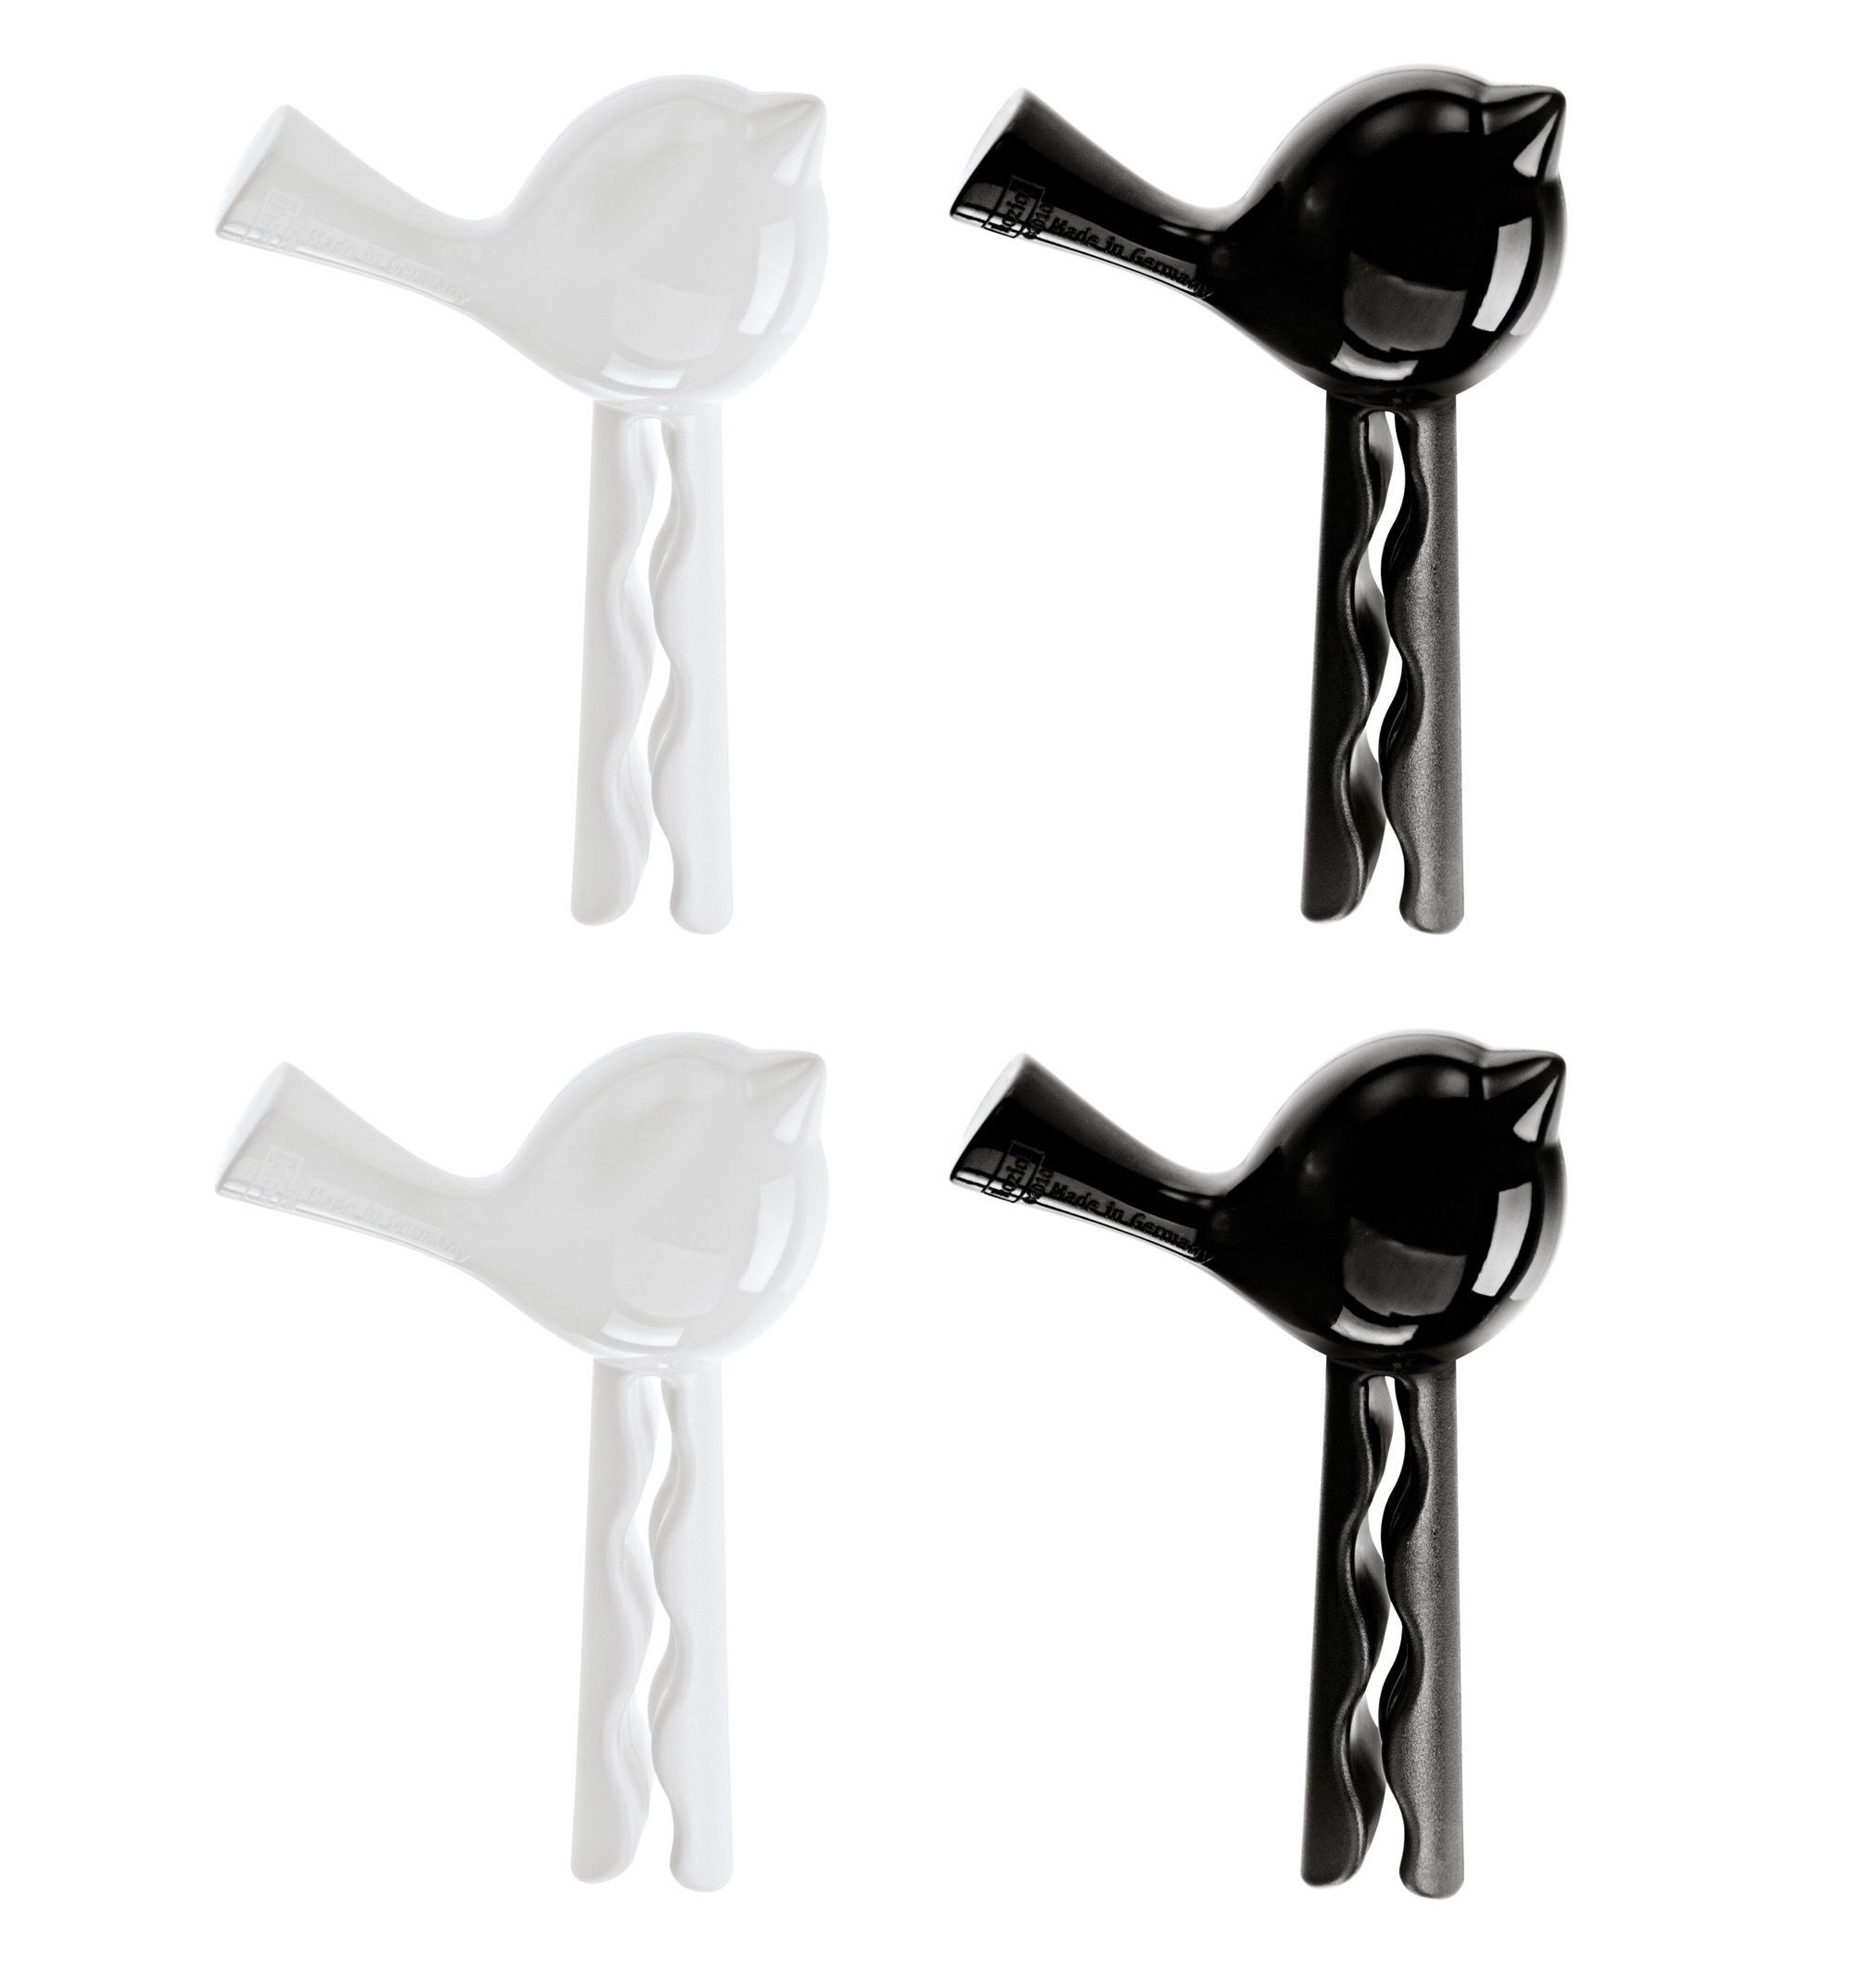 Küche - Gute Laune Accessoires - Pince à sachet PI:P set de 4 - Koziol - Noir / Blanc - Polykarbonat